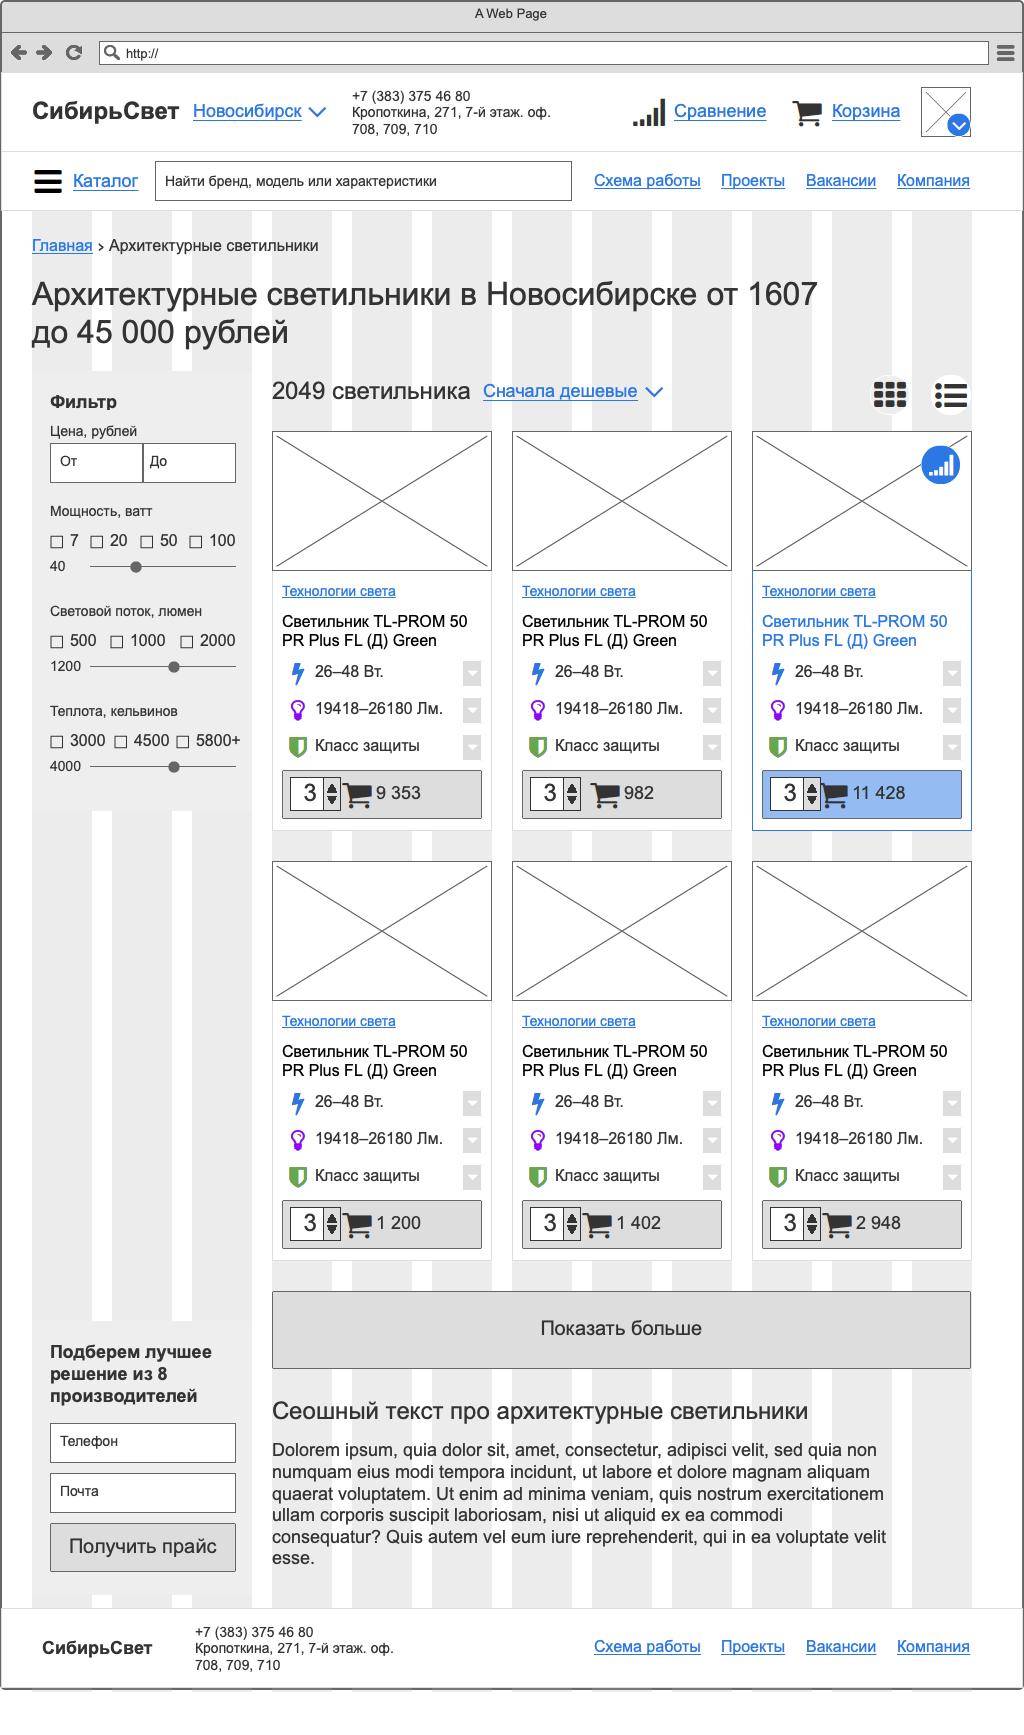 Магазин «Сибирьсвет» Сайт Артура Нецветаева — сайты, приложения, прототипы и оформление интерфейсов 1.1 catalog category